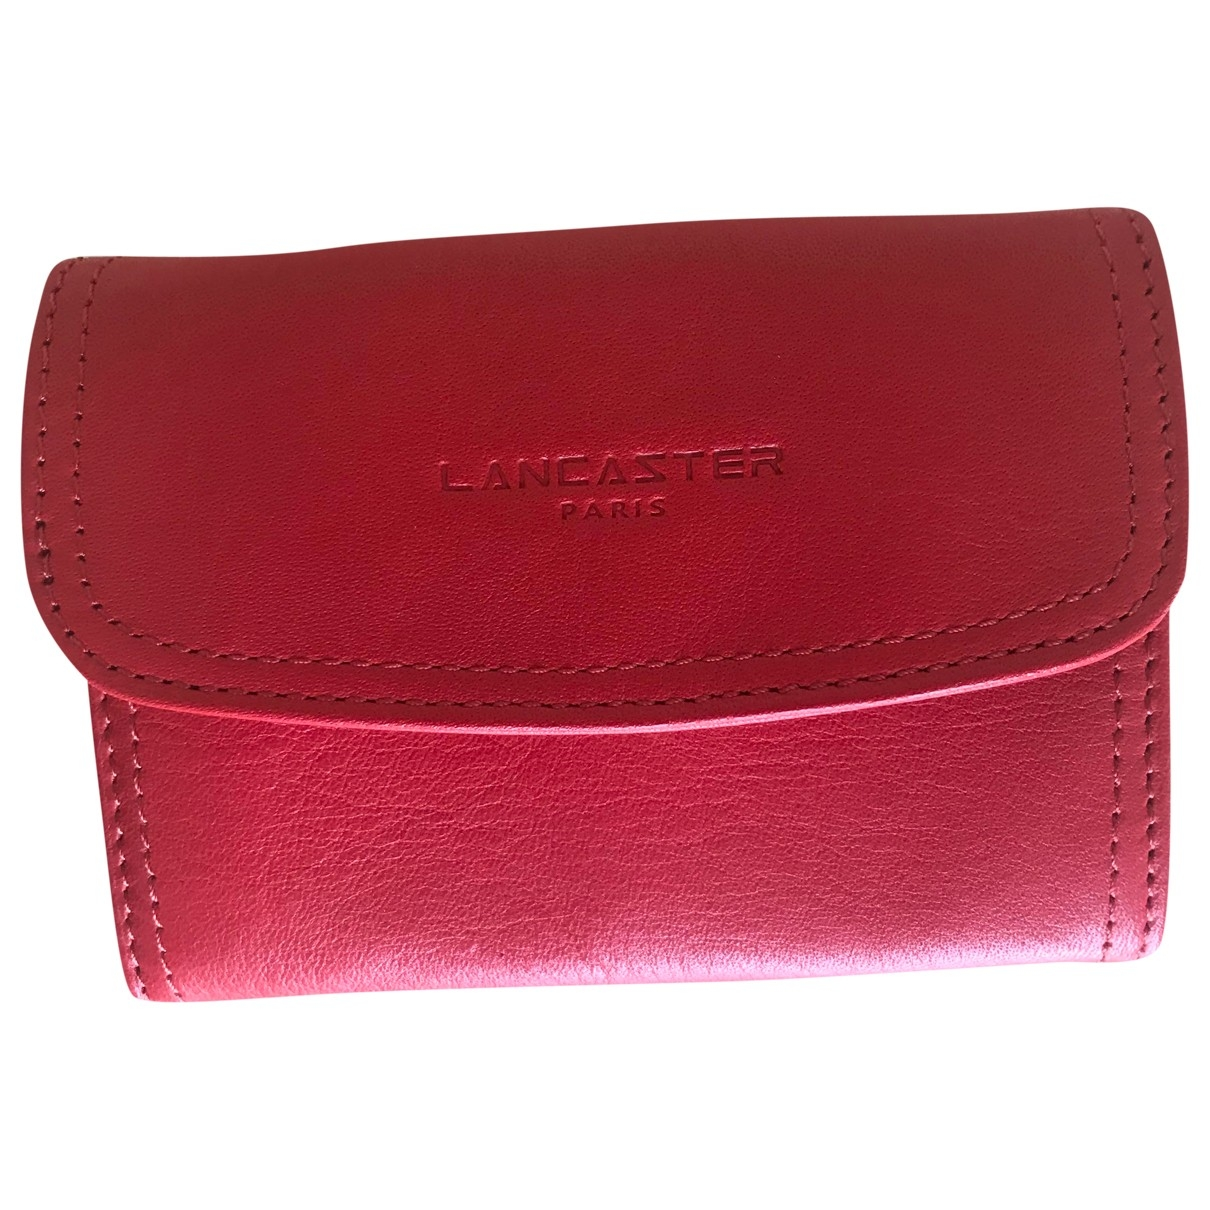 Lancaster \N Kleinlederwaren in  Rot Leder